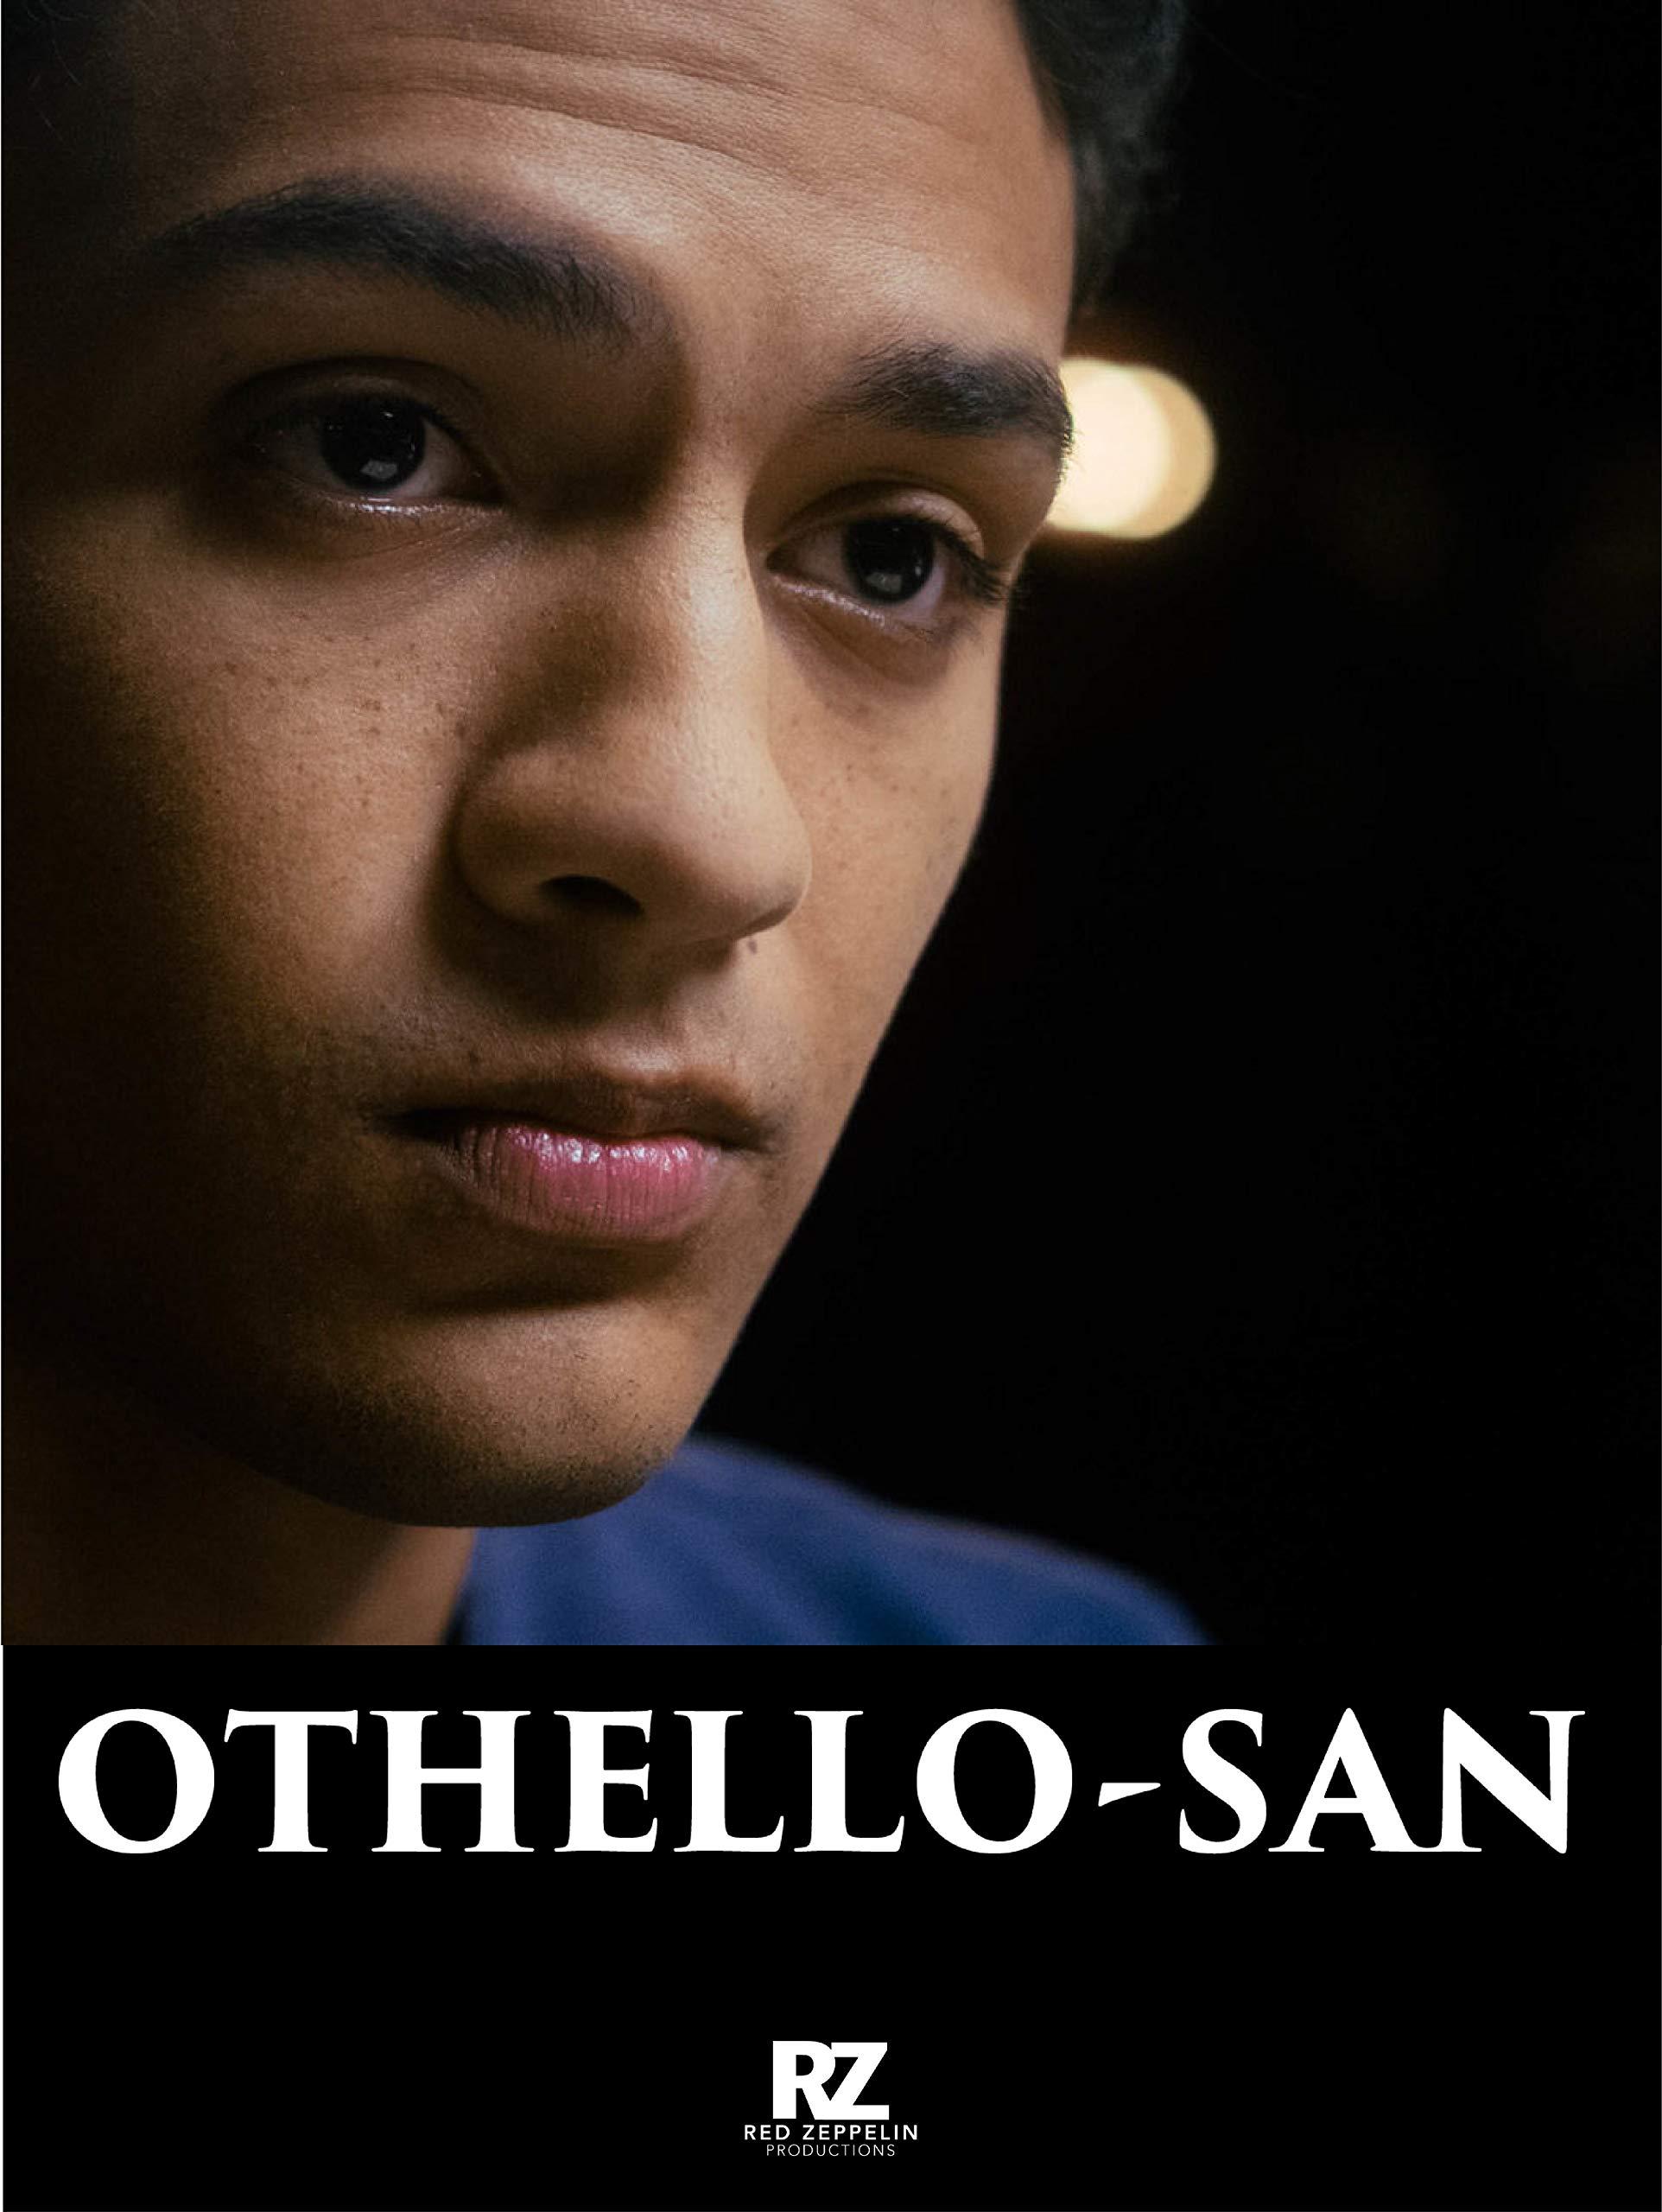 Othello-san